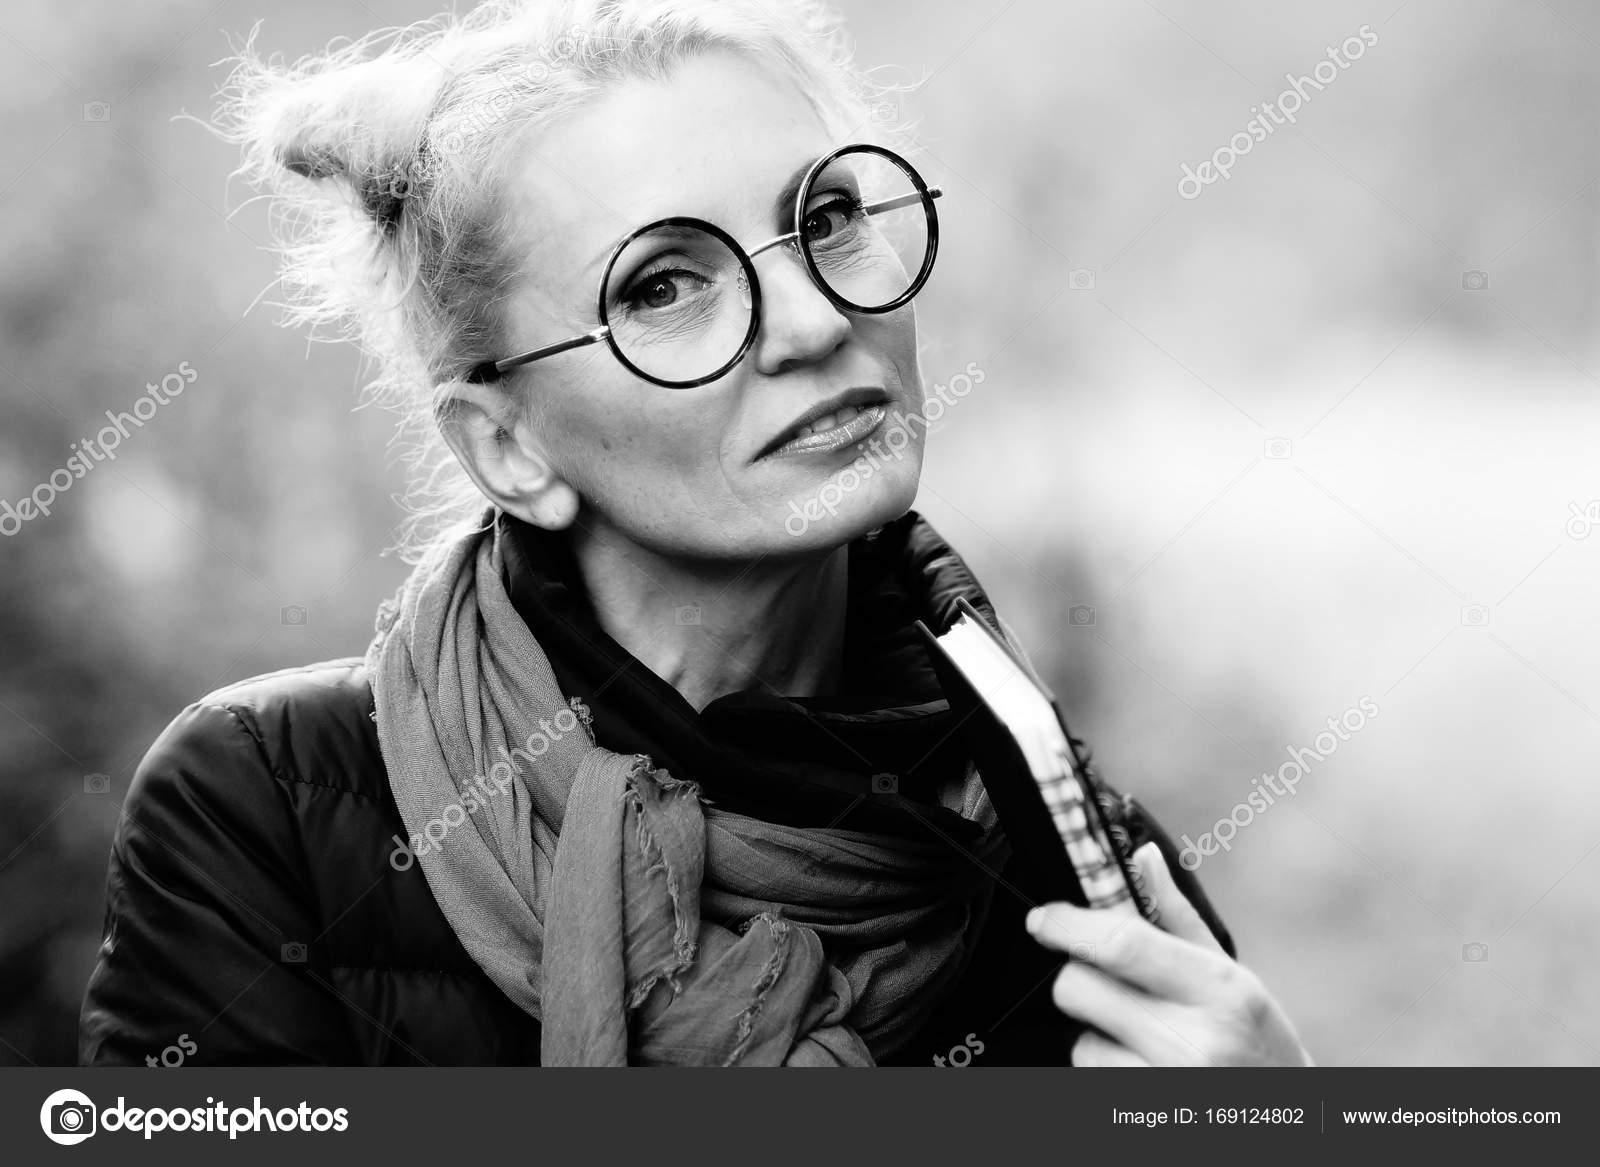 ocharovatelnaya-blondinka-na-cherno-belom-foto-kartinki